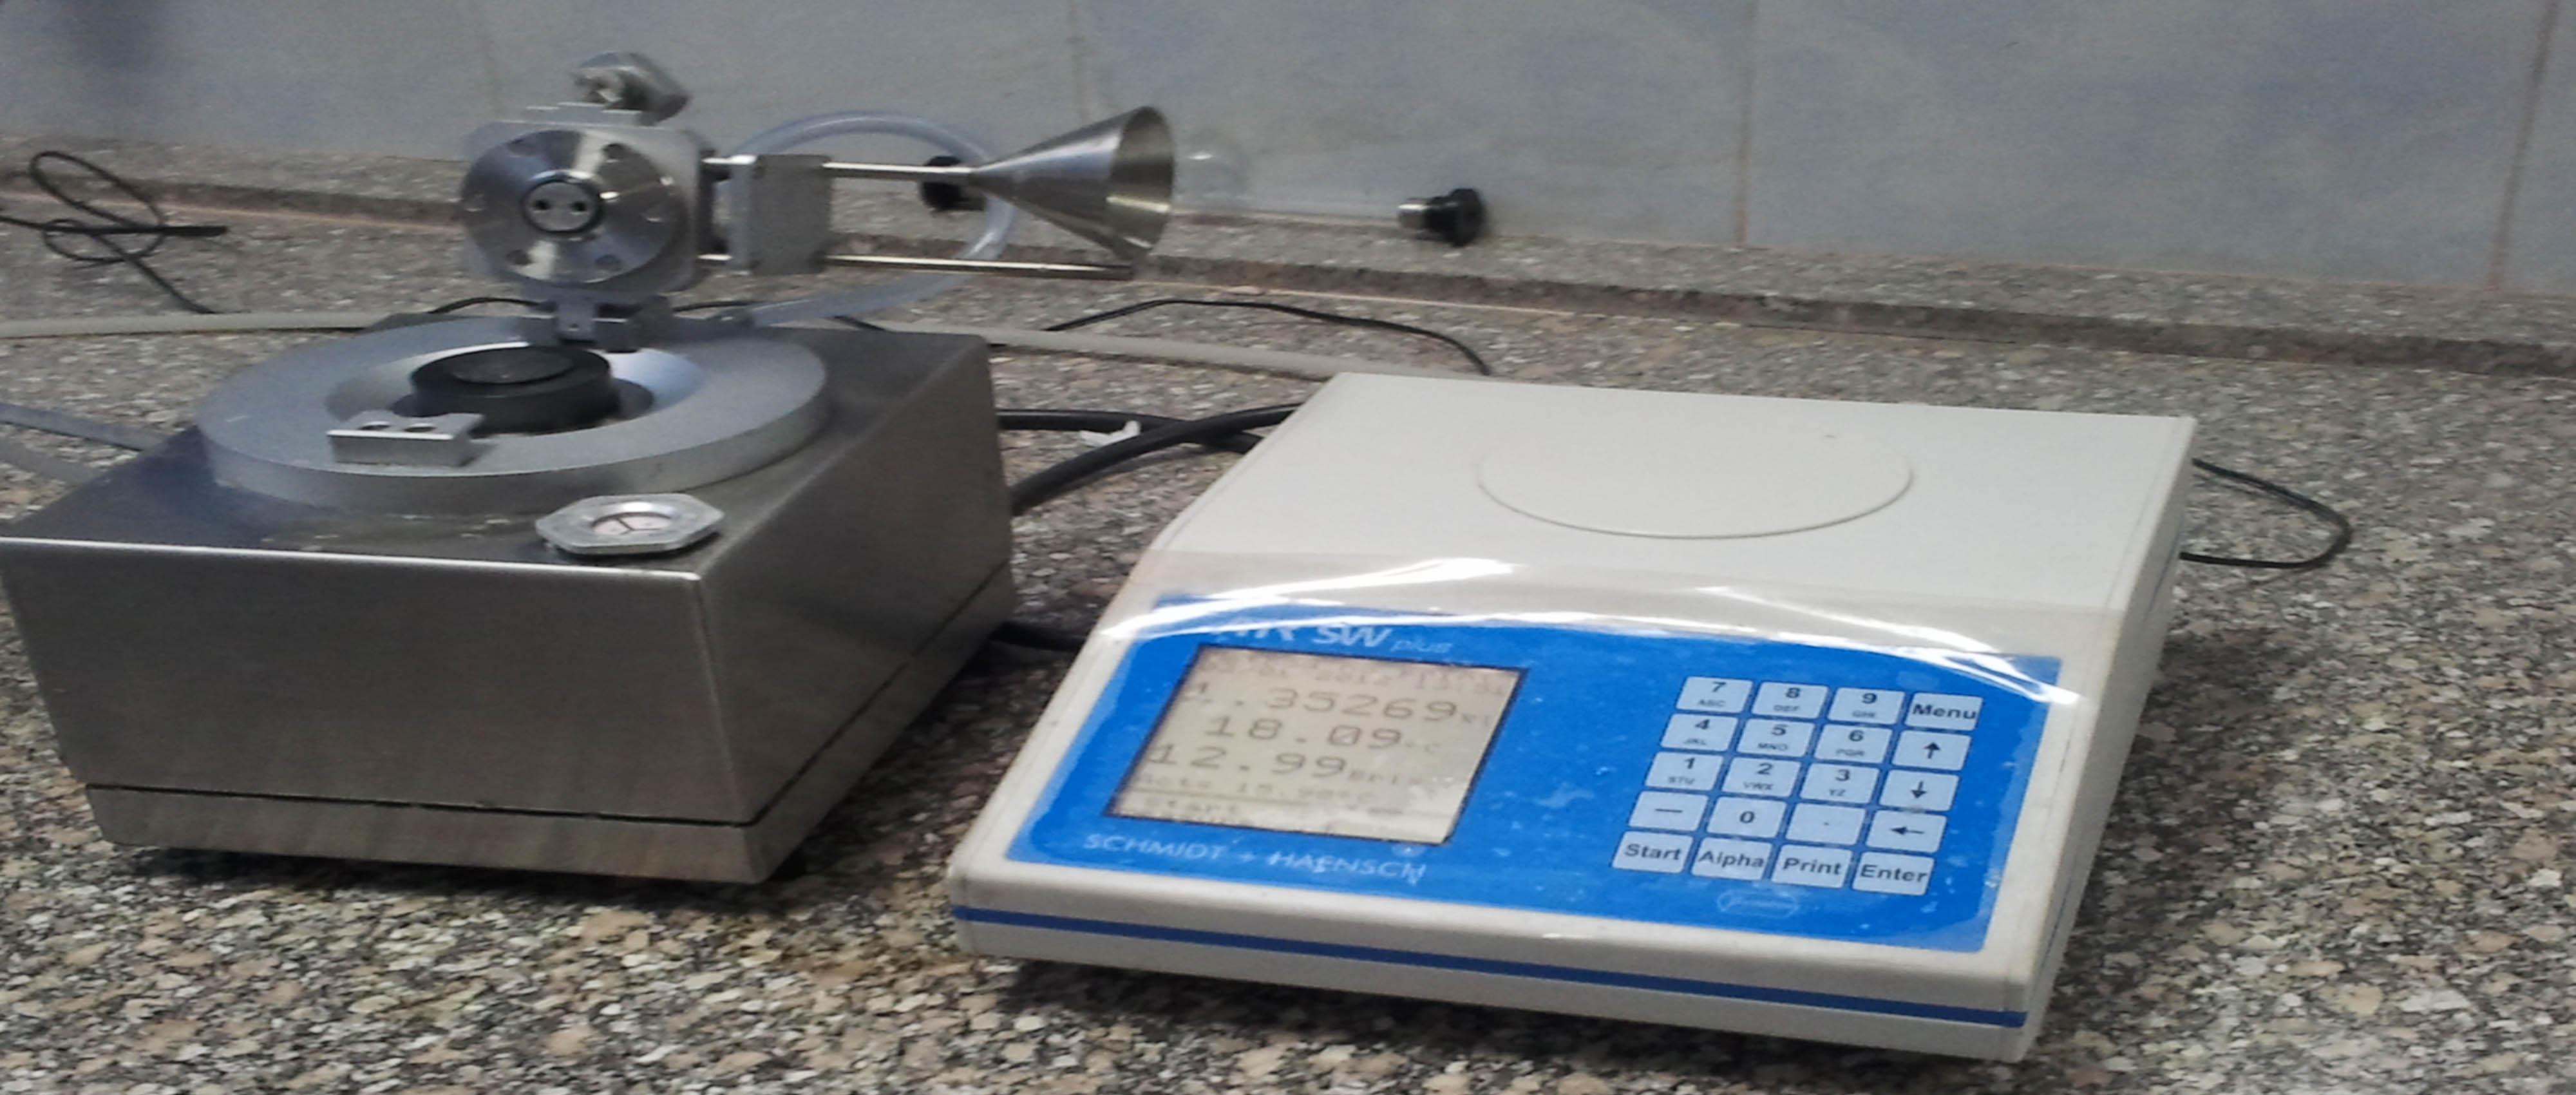 جهاز قياس جودة السكر مركب بالمعمل